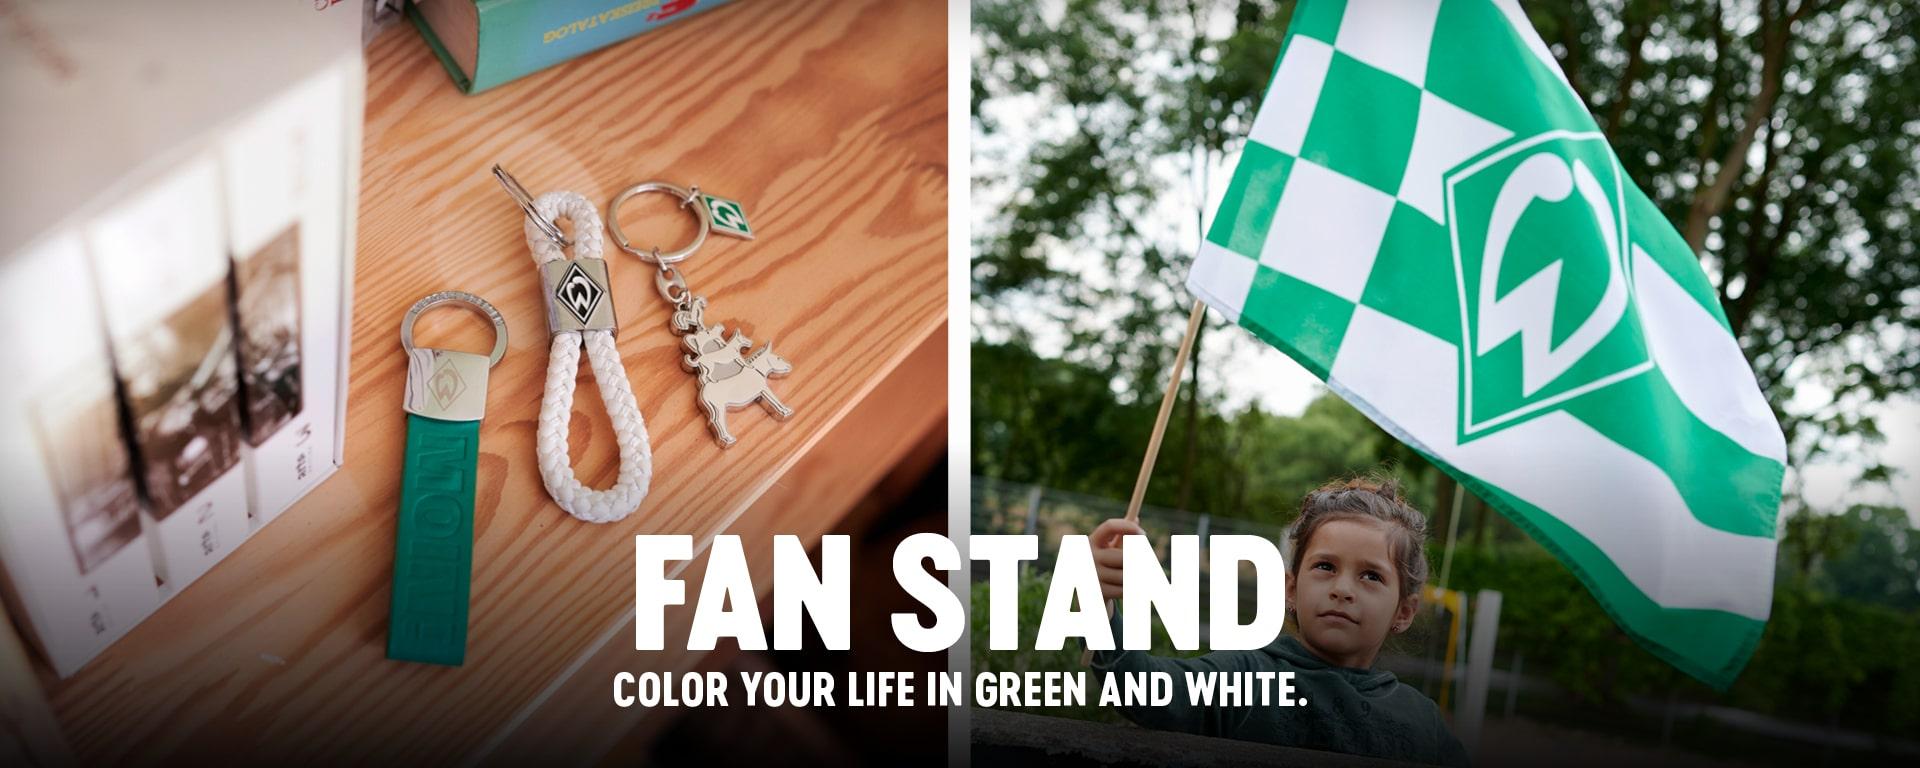 Fan Stand